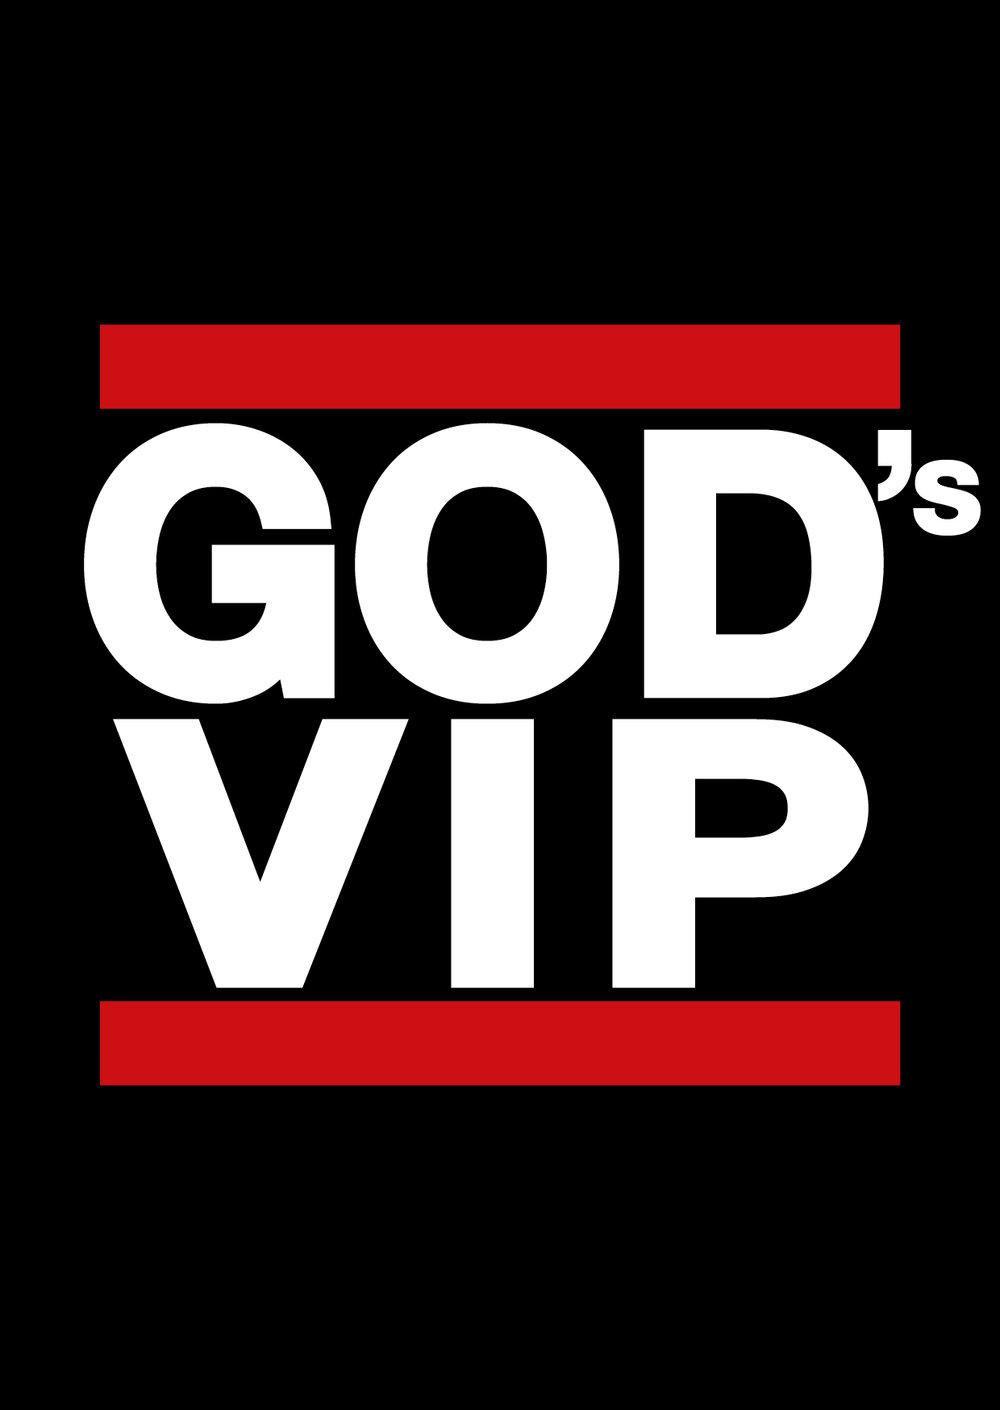 Postkarte GOD's VIP - Run DMC Edition - Postkarte A6 mit folgendem Text auf der Rückseite:❤️ DU BIST GELIEBT 💲 DU BIST WERTVOLL 💎 DU BIST EINZIGARTIG 🥇 DU BIST ANERKANNTDie Bibel: 1. Johannes 3,1bis 10 Postkarten gratis, Email schreiben mit Postadresse größere Mengen auf Anfrage